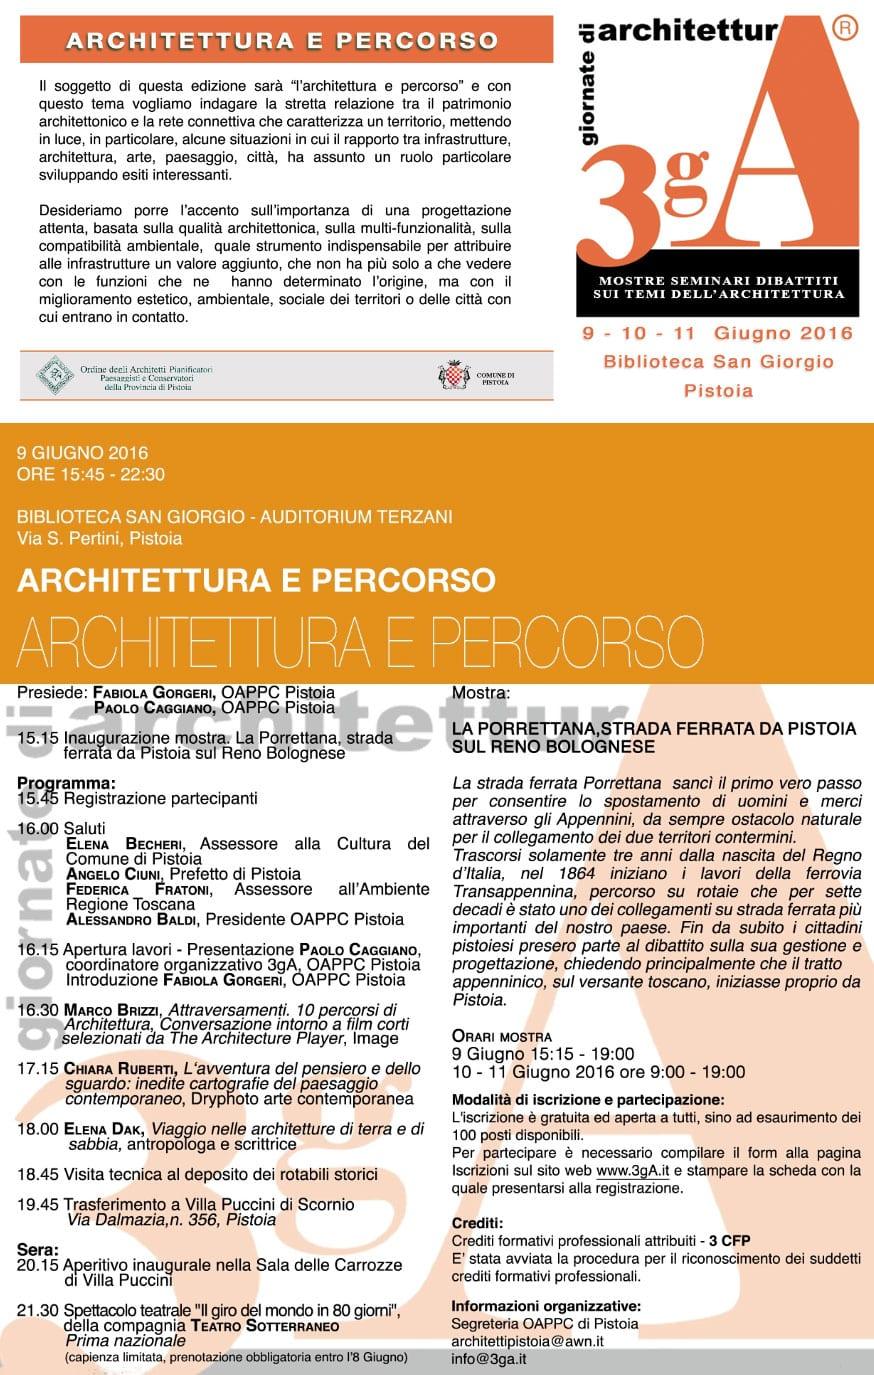 Architettura E Percorso Dak